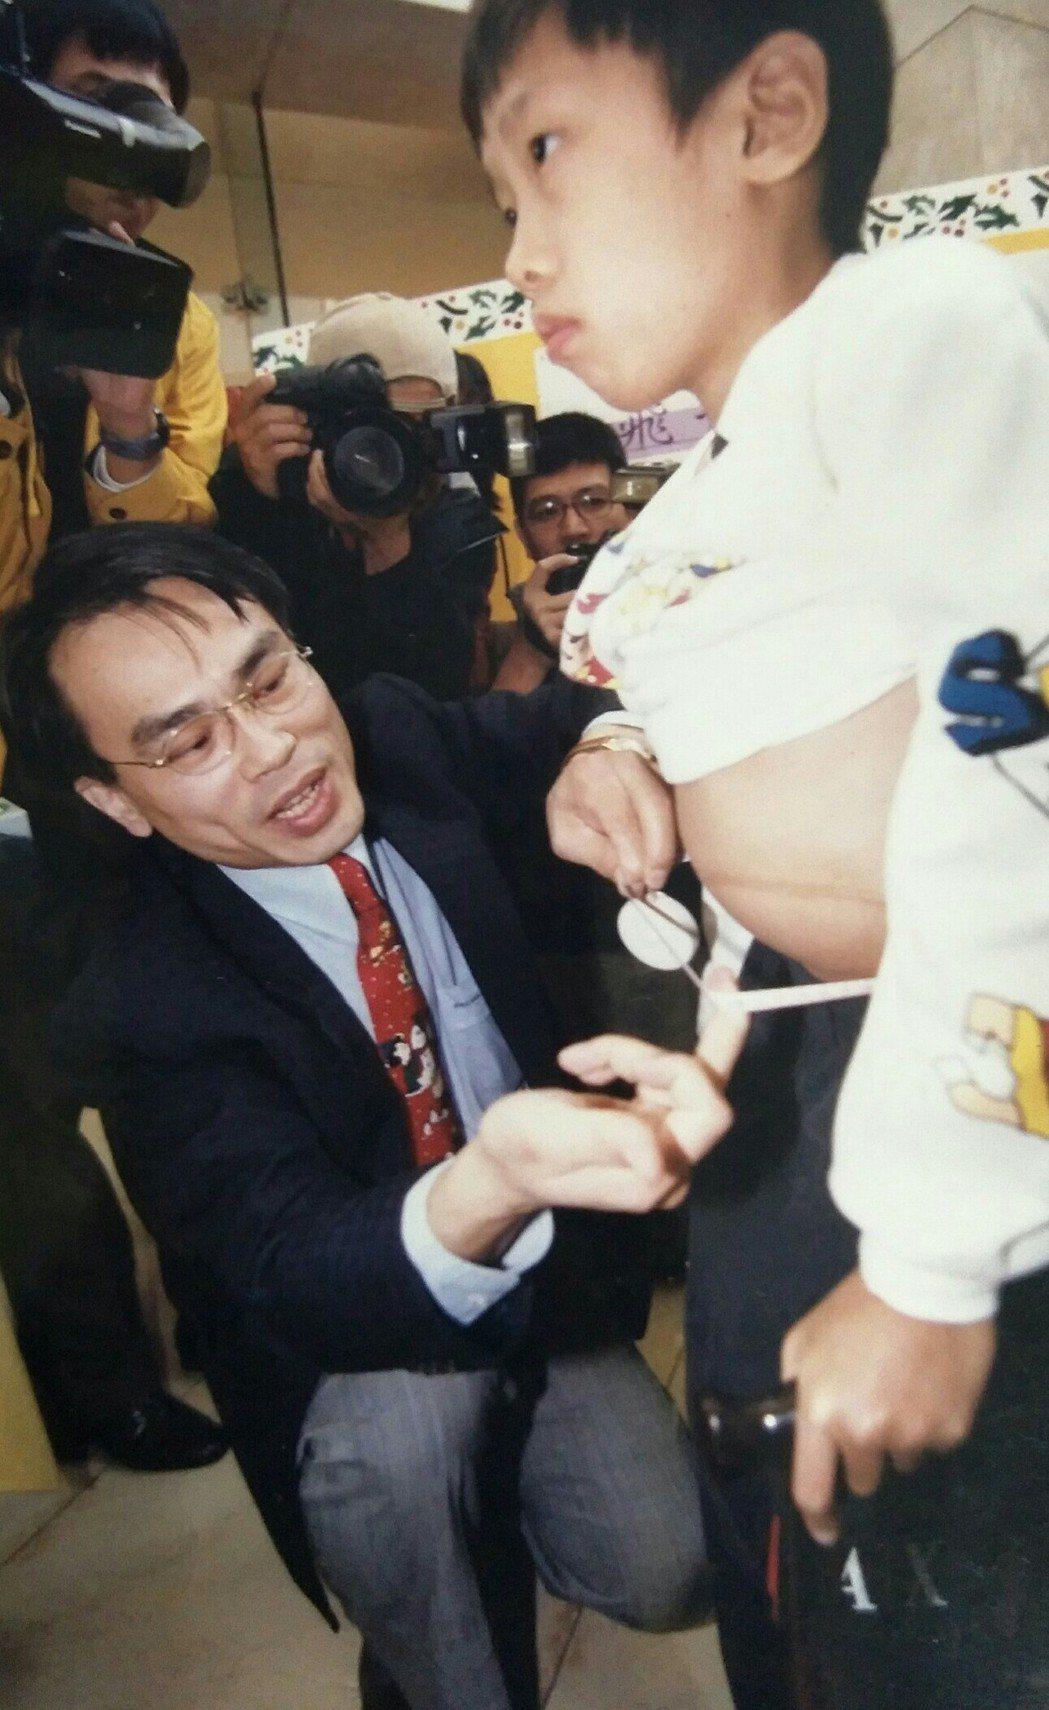 1998年基金會成立前,為搶救高雪氏症男孩蕭仁豪(右) ,召開記者會呼籲大眾正視...